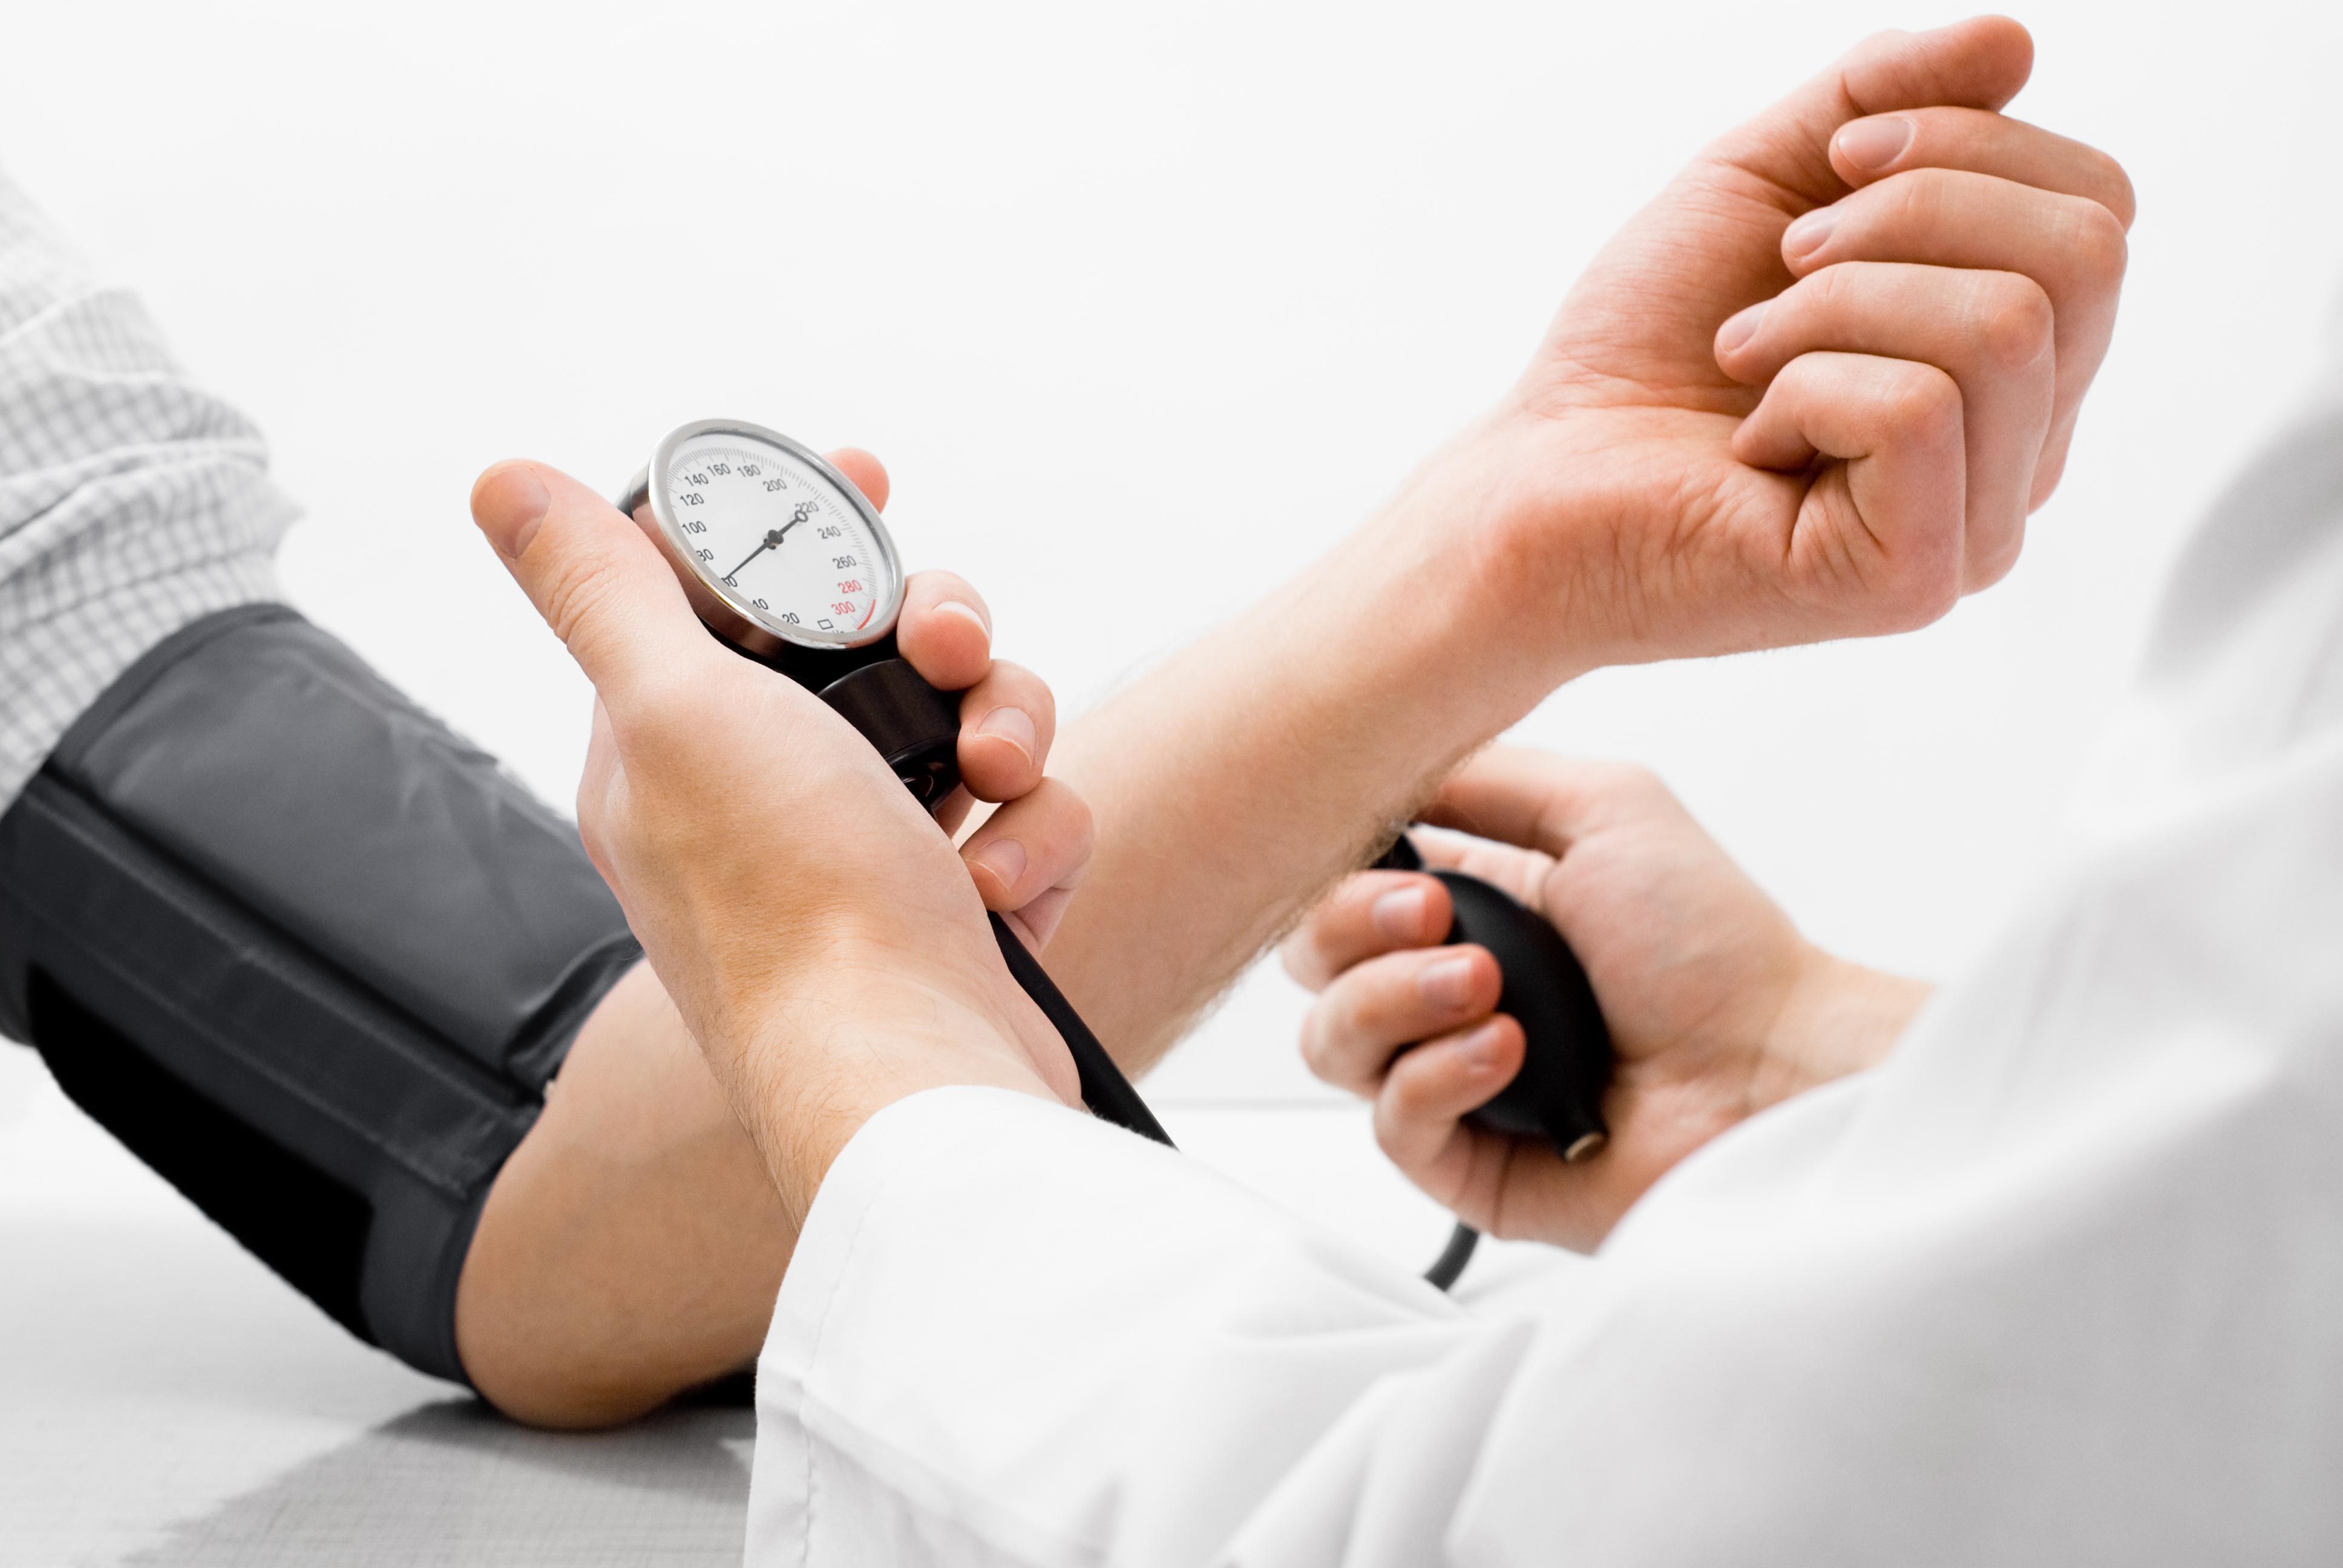 magas vérnyomásról szóló információk a betegek számára magas vérnyomás és sólámpa